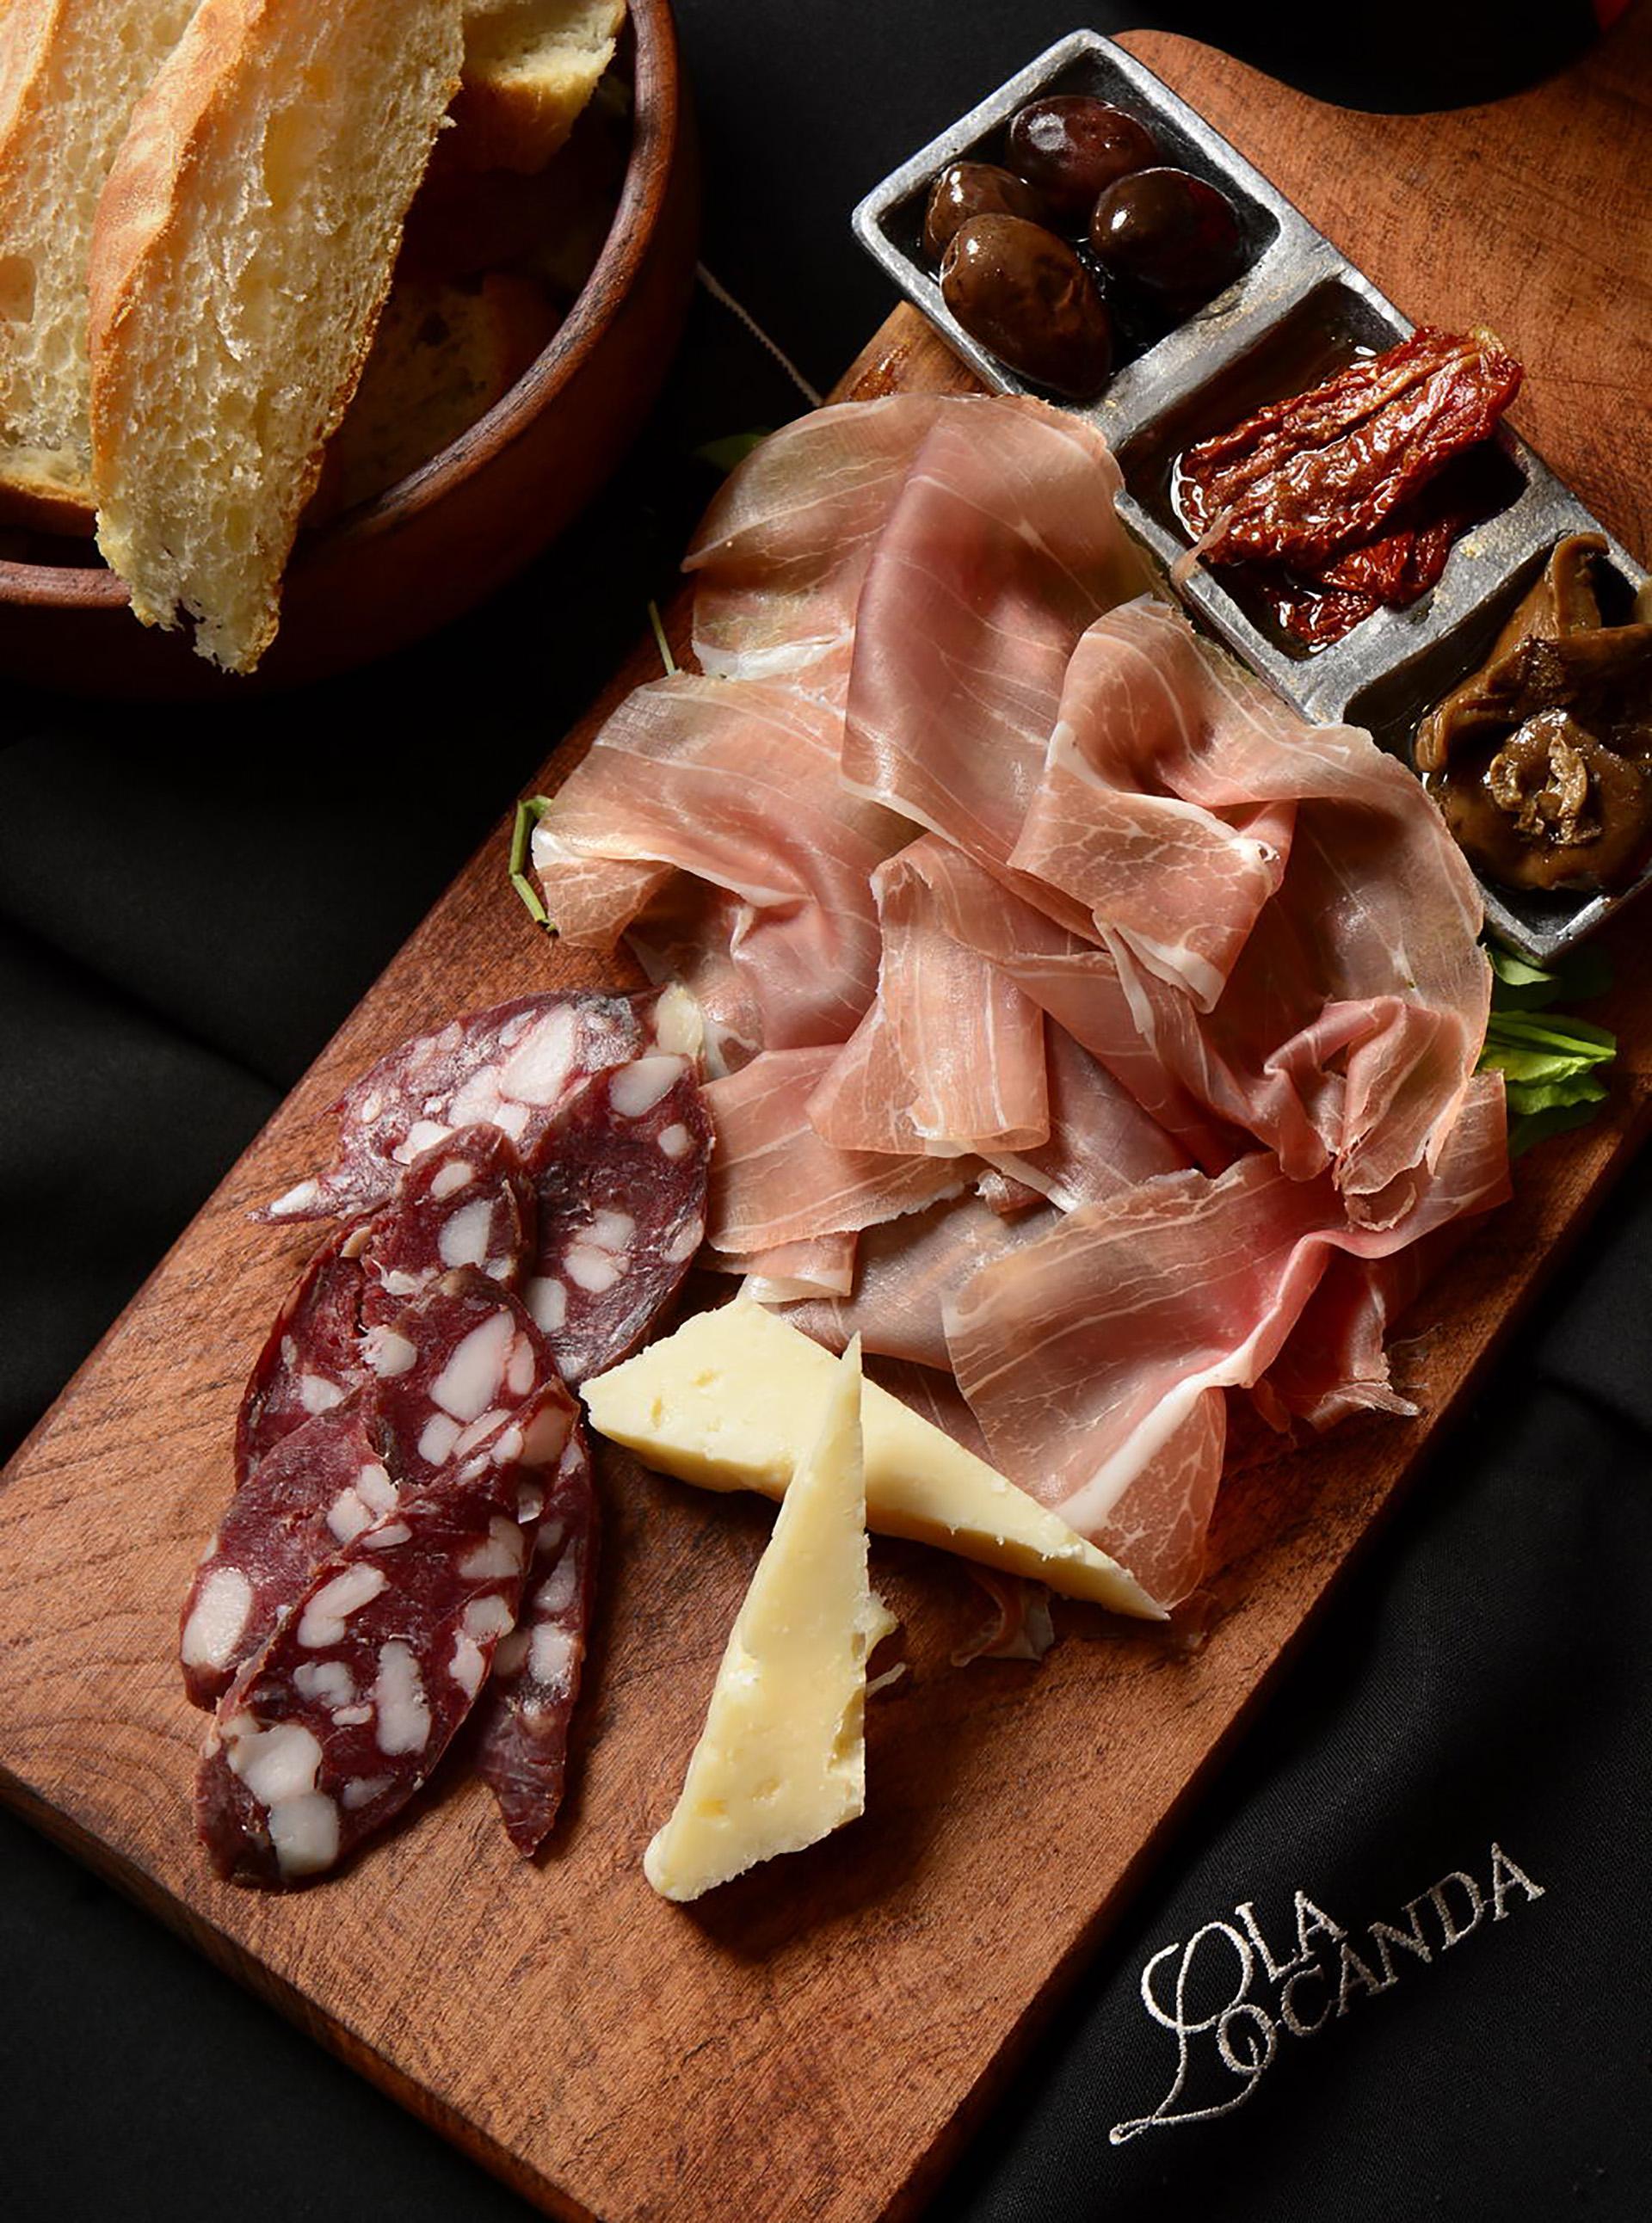 Ofrece postres 100% italianos elaborados con las mejores materias primas, ingredientes frescos y de la más alta calidad